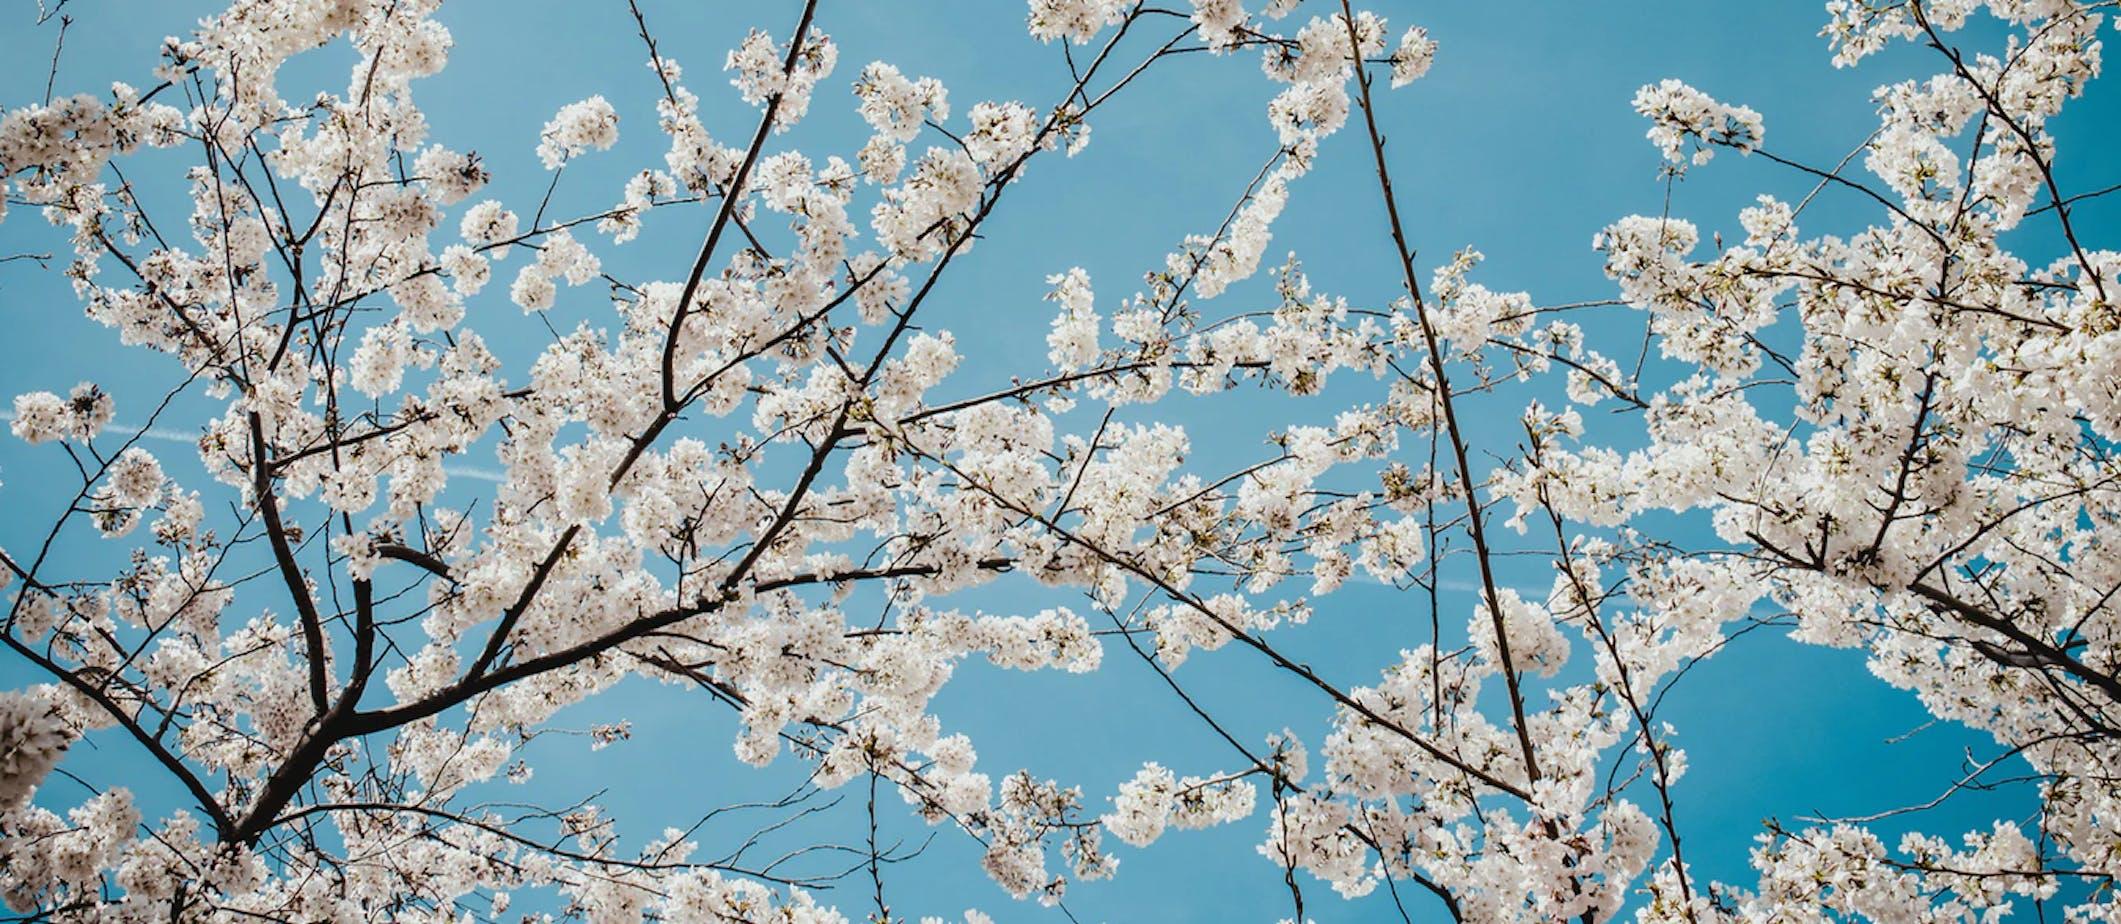 Les bonnes histoires – Épisode 1, la maison aux cerisiers